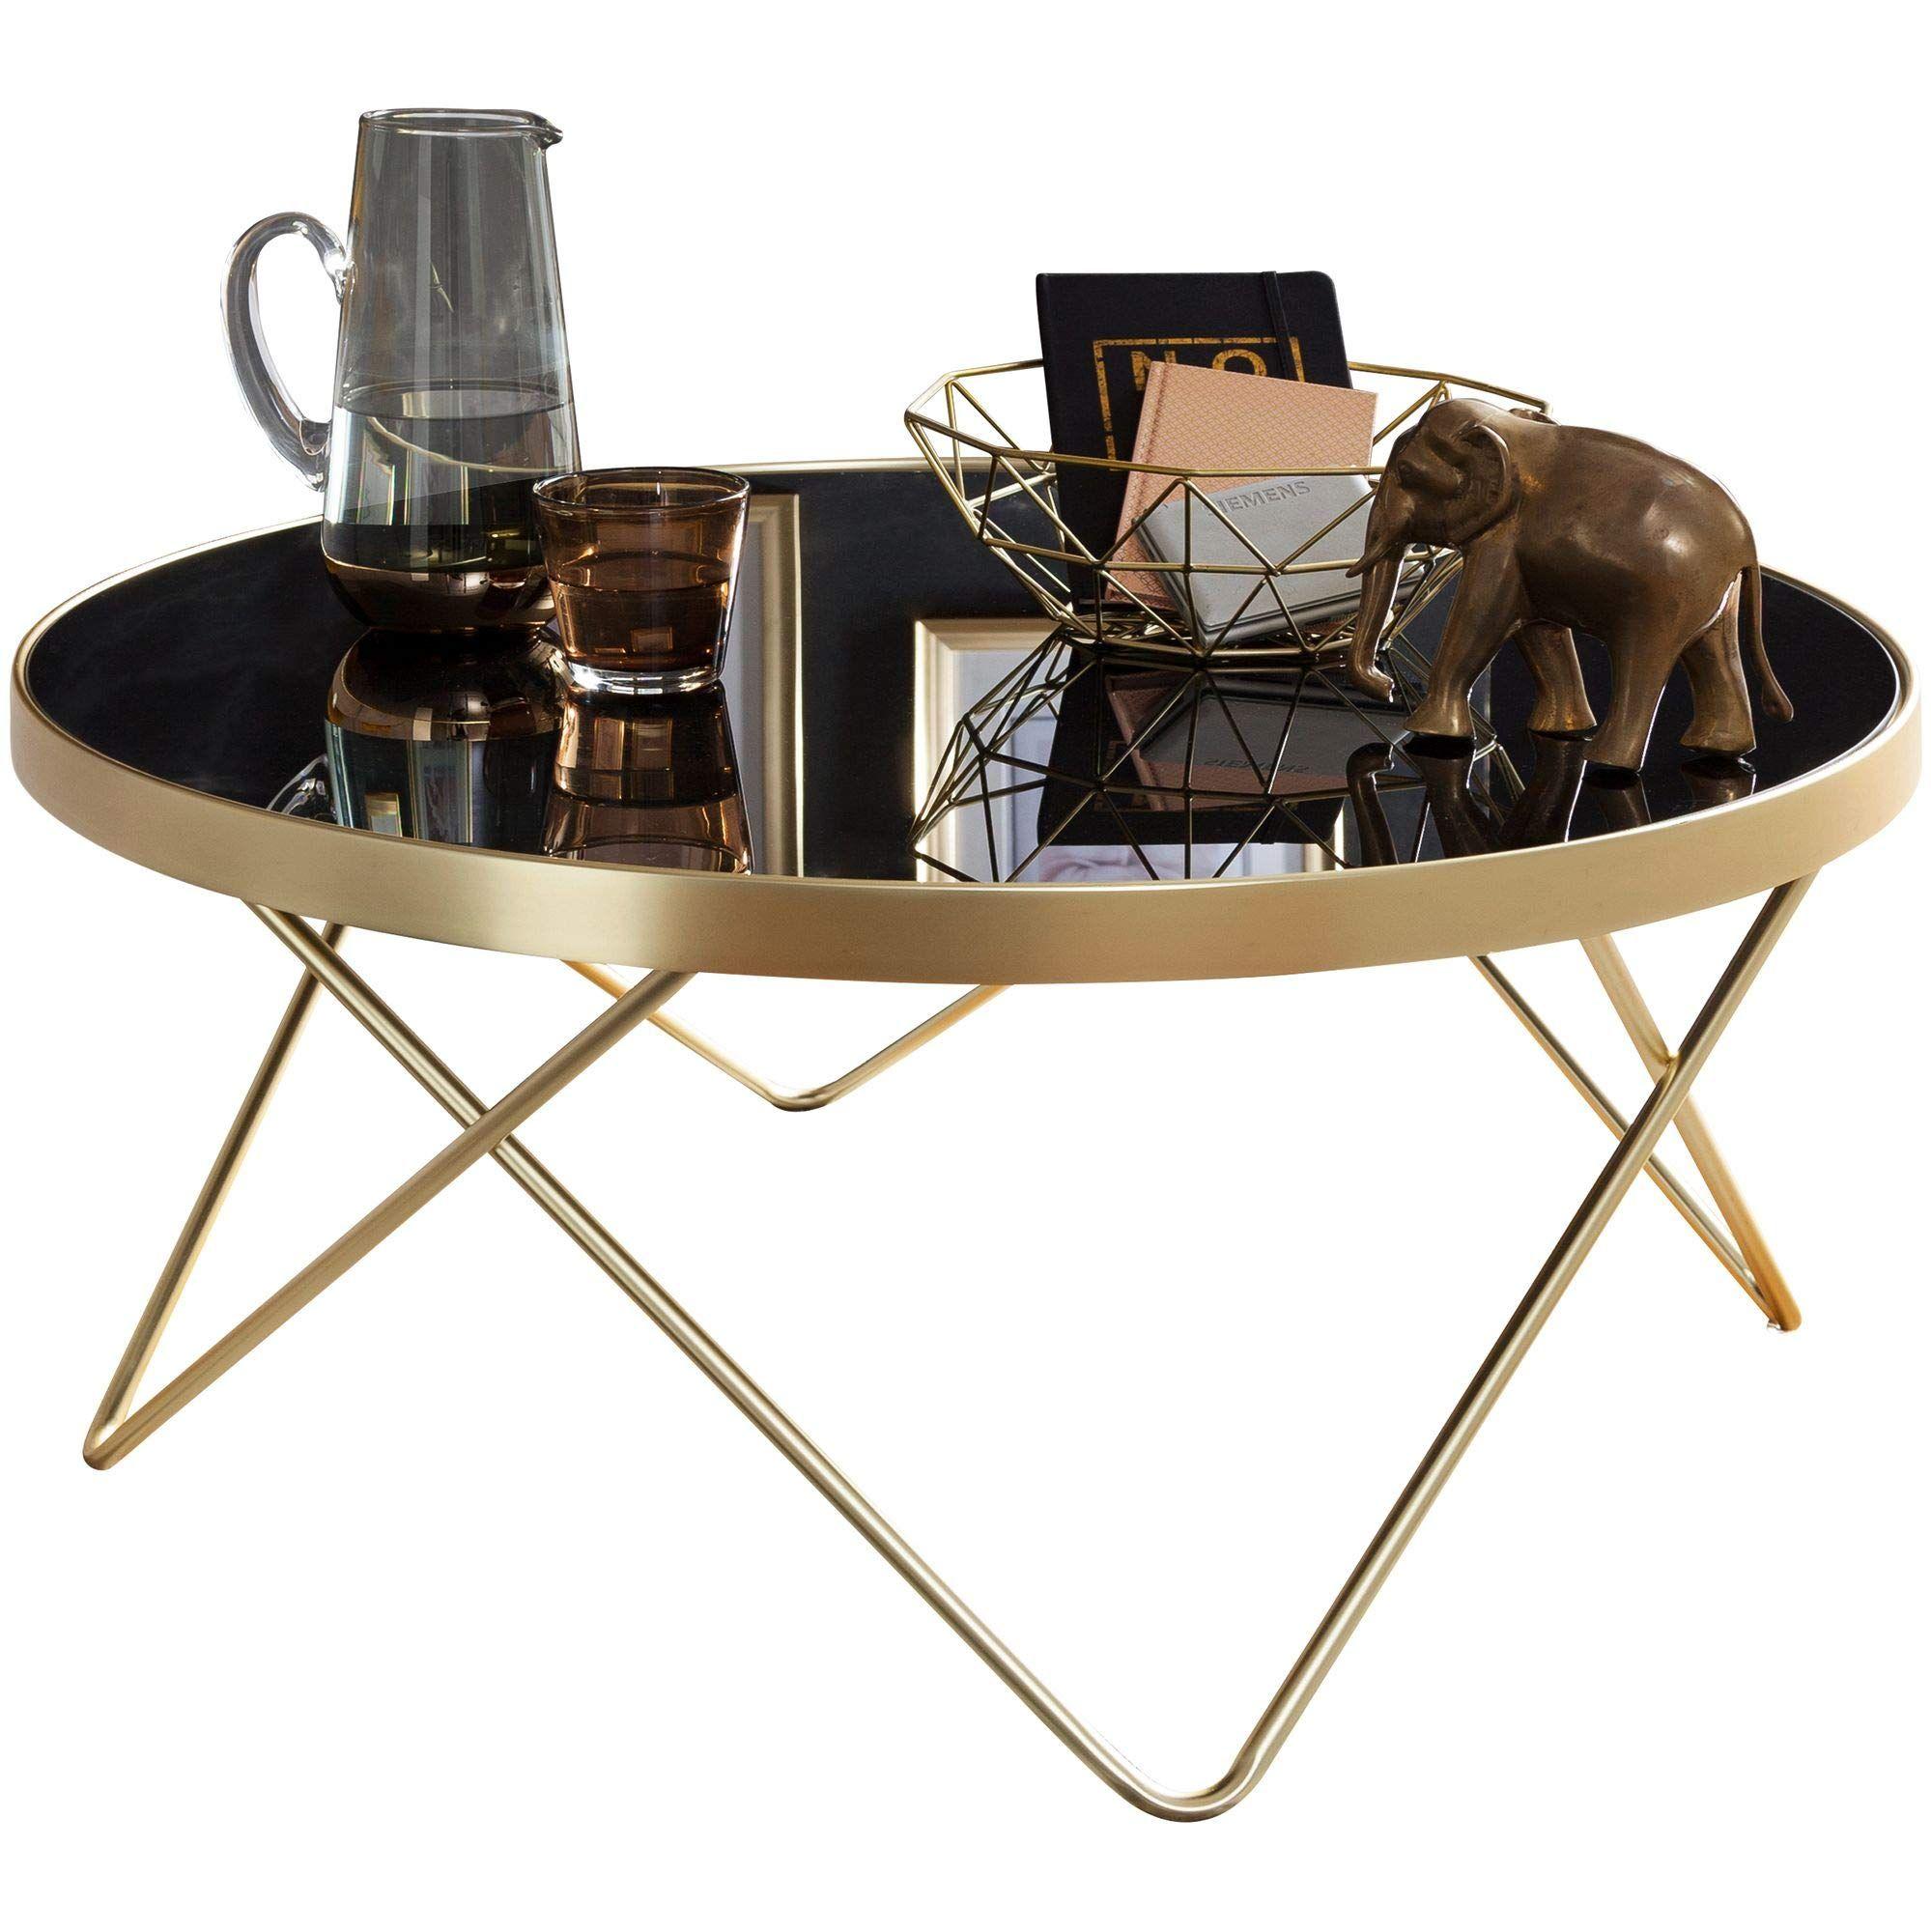 Finebuy Design Couchtisch O 82 Cm Schwarz Matt Gold Beistelltisch Metall Glas Tisch Mit Glasplatte In 2020 Couchtisch Beistelltisch Metall Glas Beistelltisch Metall